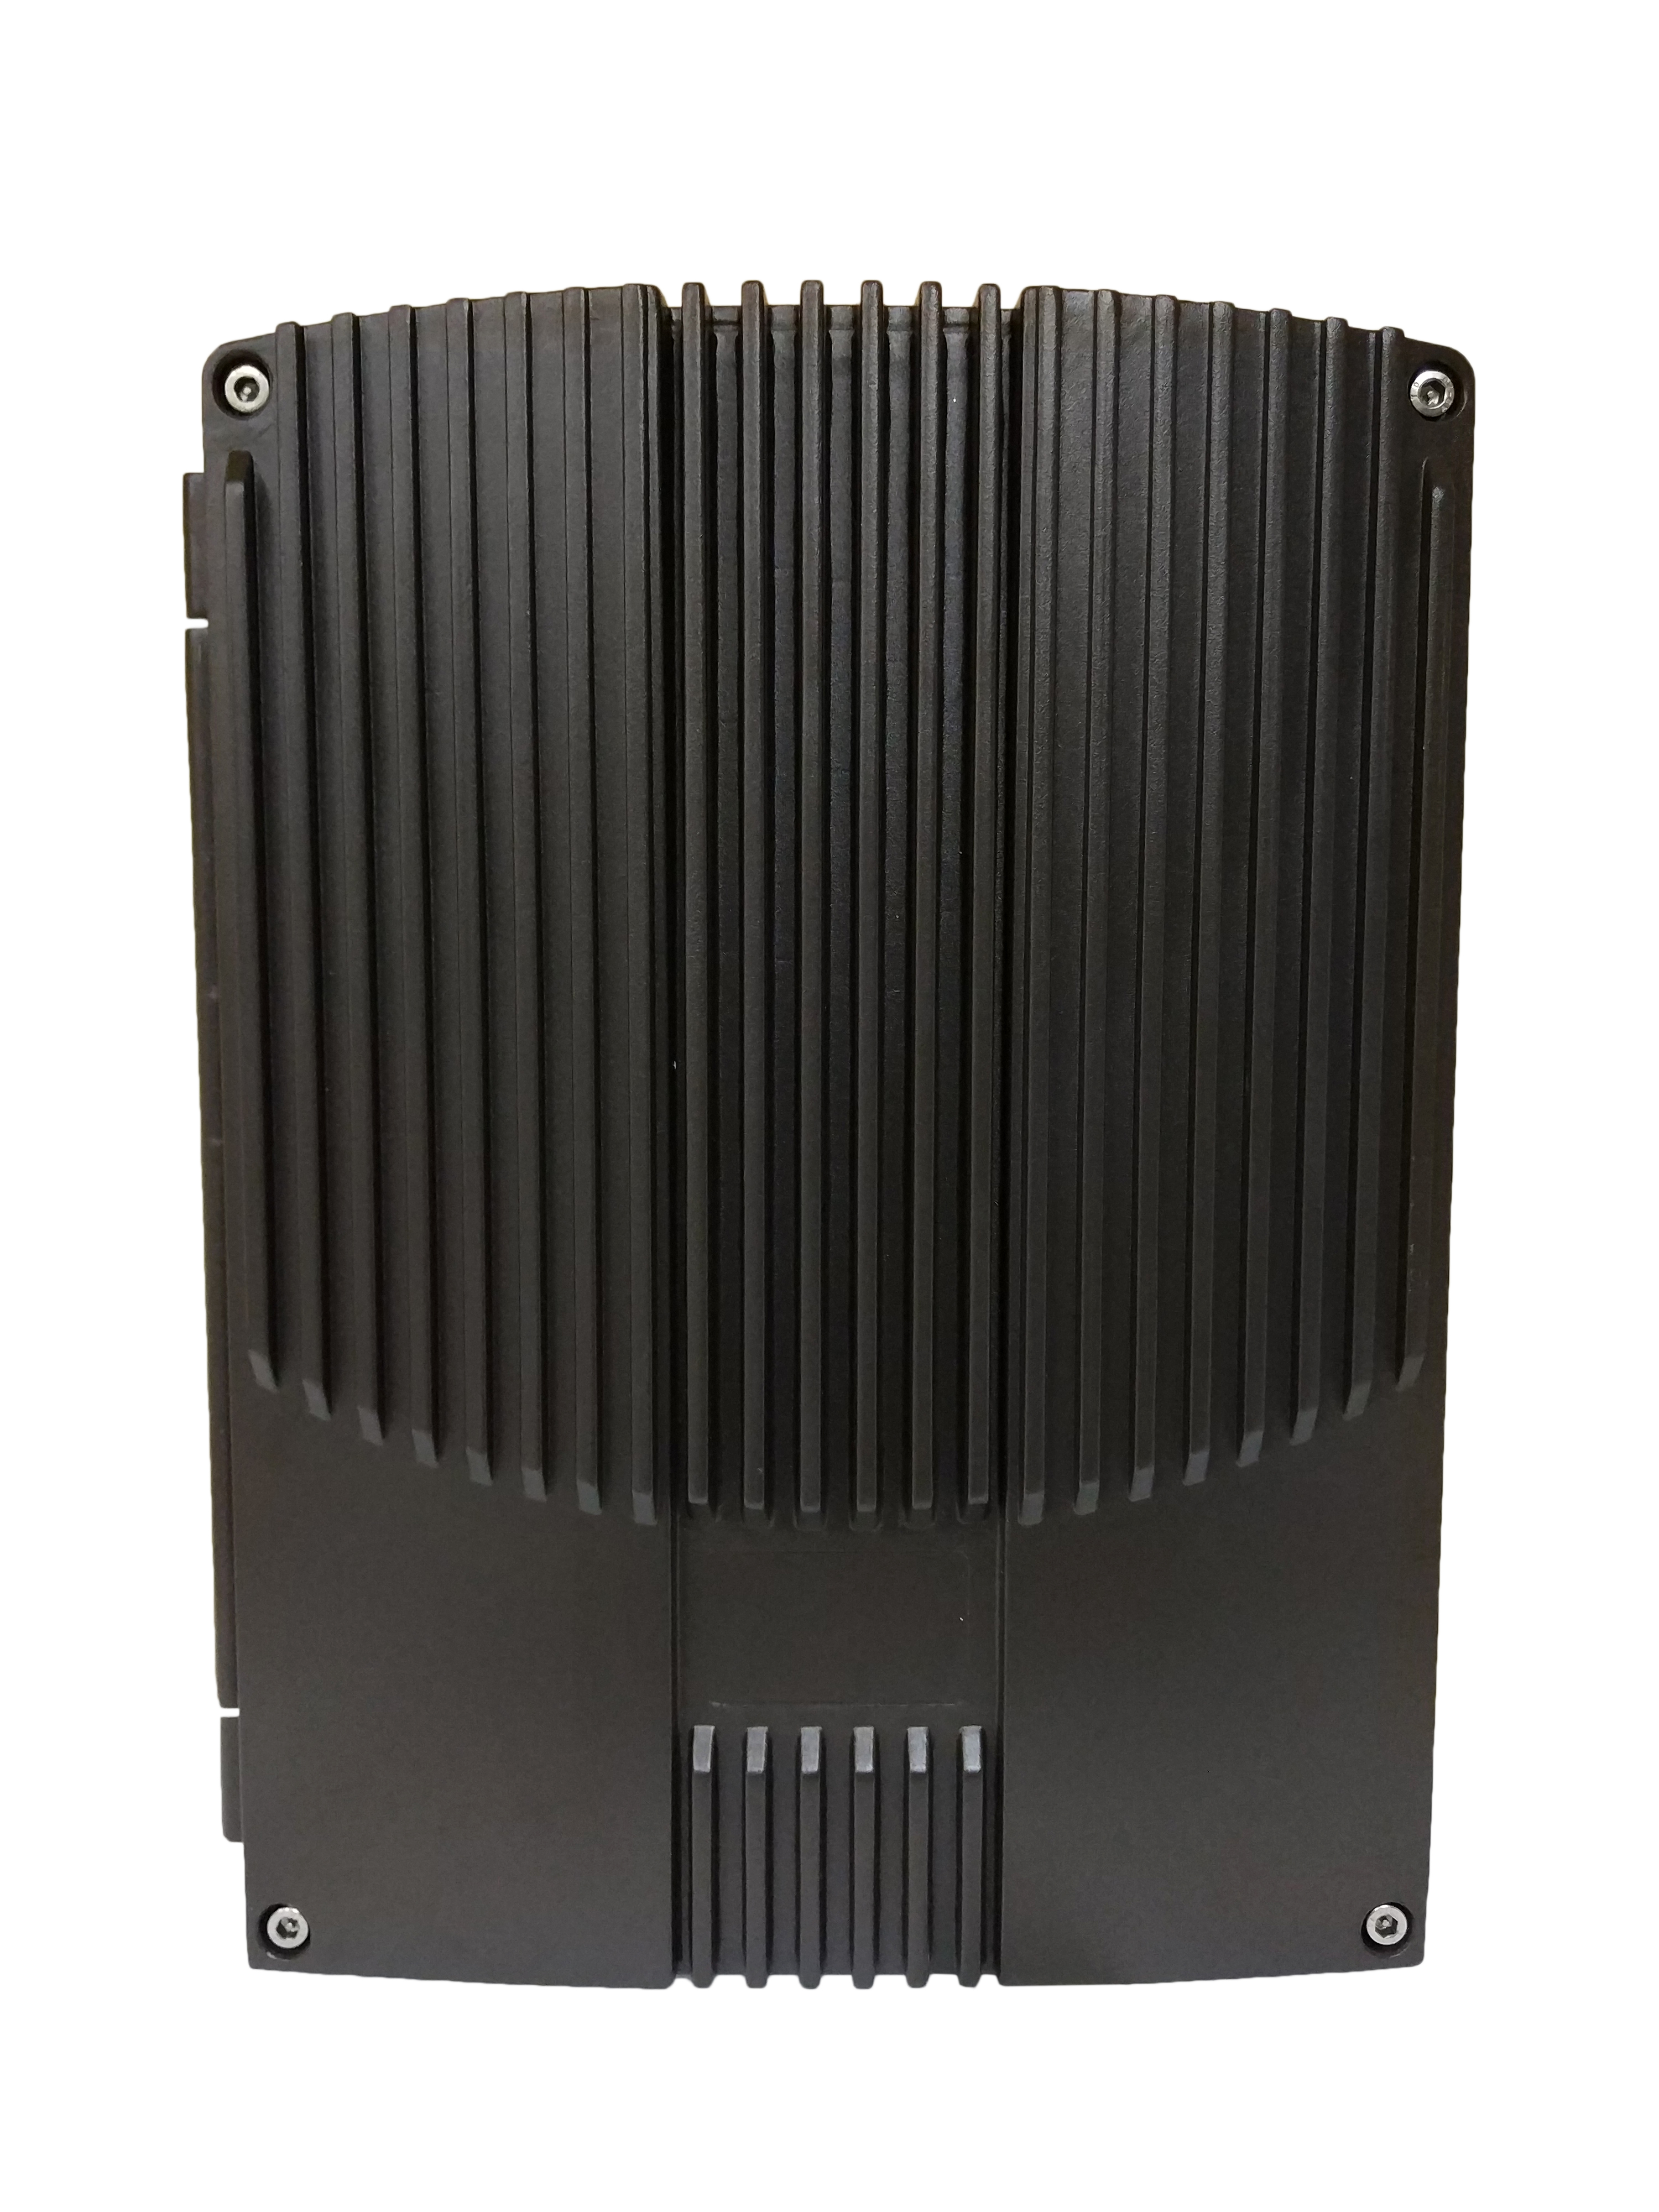 Линейный усилитель (бустер) в стандарте связи GSM / LTE 1800 МГц - MediaWave MWS-D-BST40